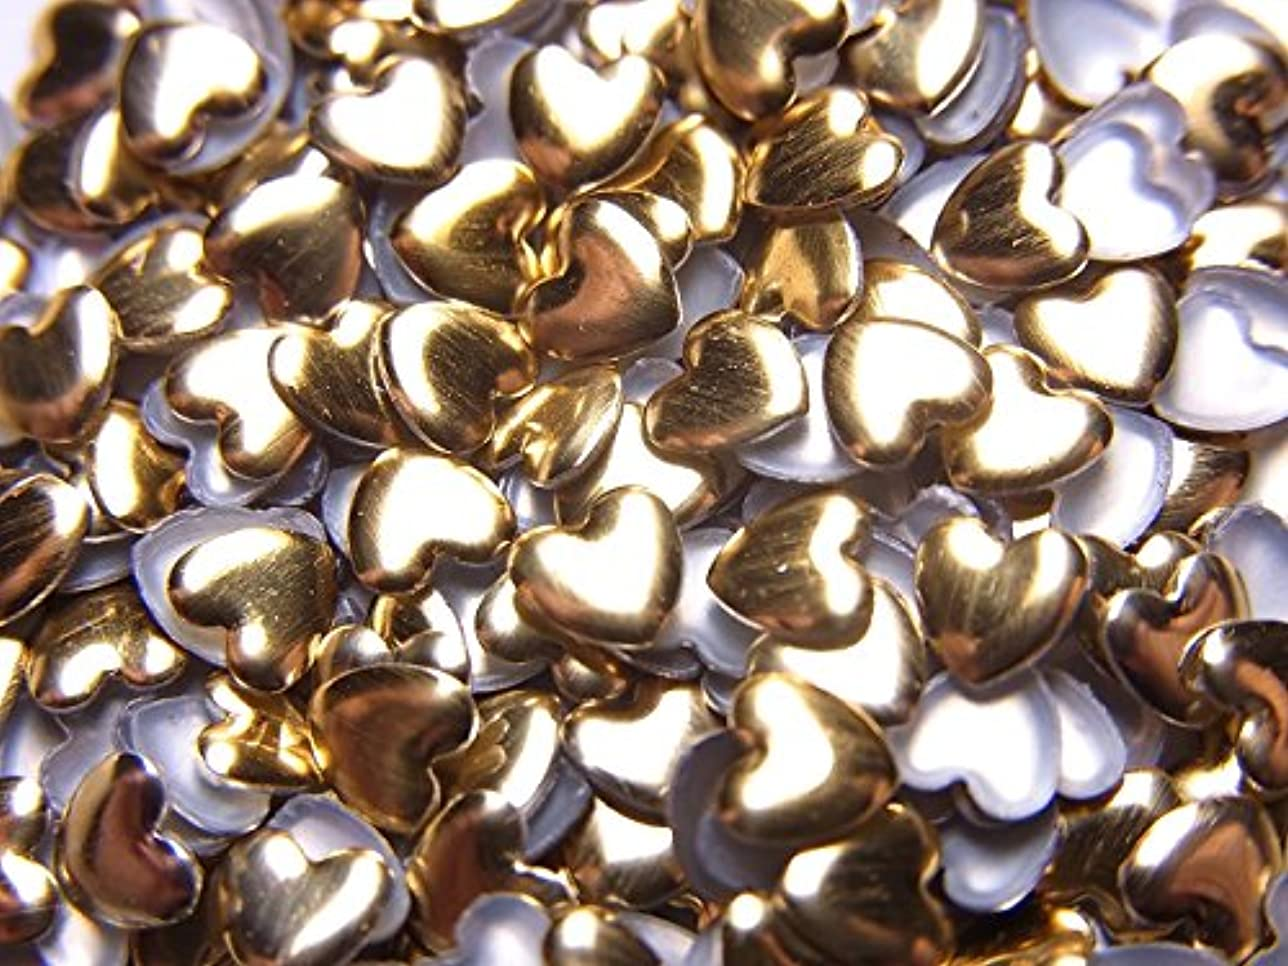 虐待リズミカルな明日【jewel】ハート型 メタルスタッズ 4mm ゴールド 100粒入り